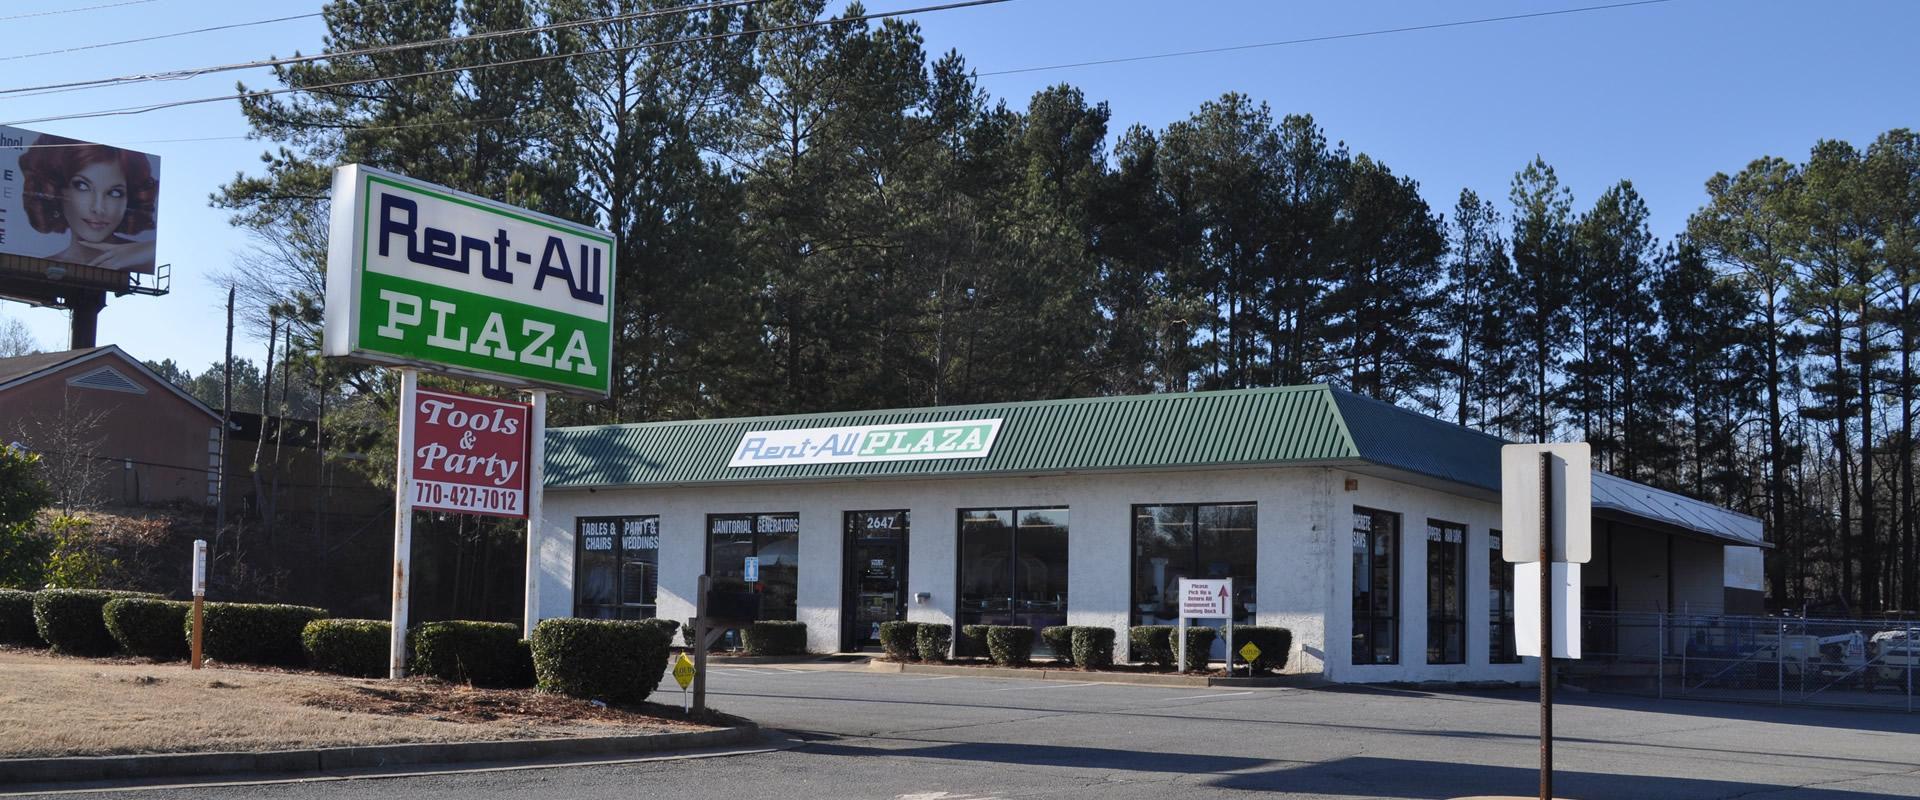 rentall-plaza-store